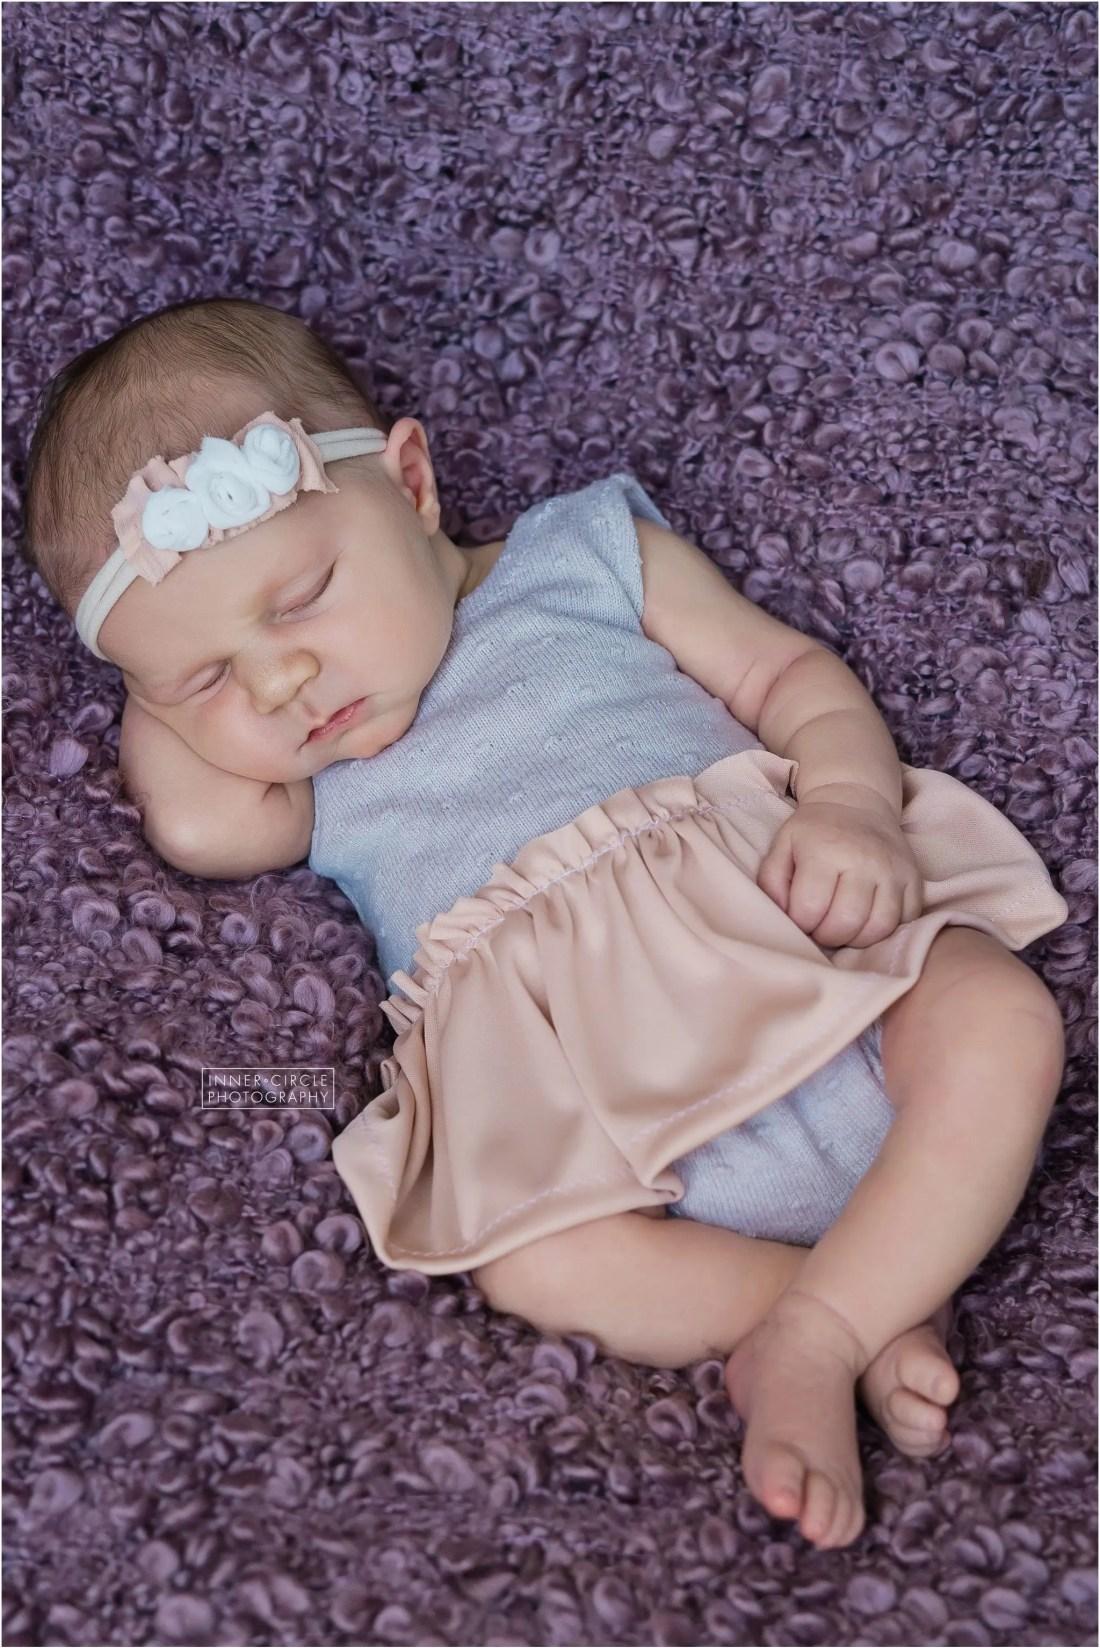 SarahMartin_Newborn_InnerCirclePhoto_002 Sarah :: Michigan Newborn Photographer :: 2019